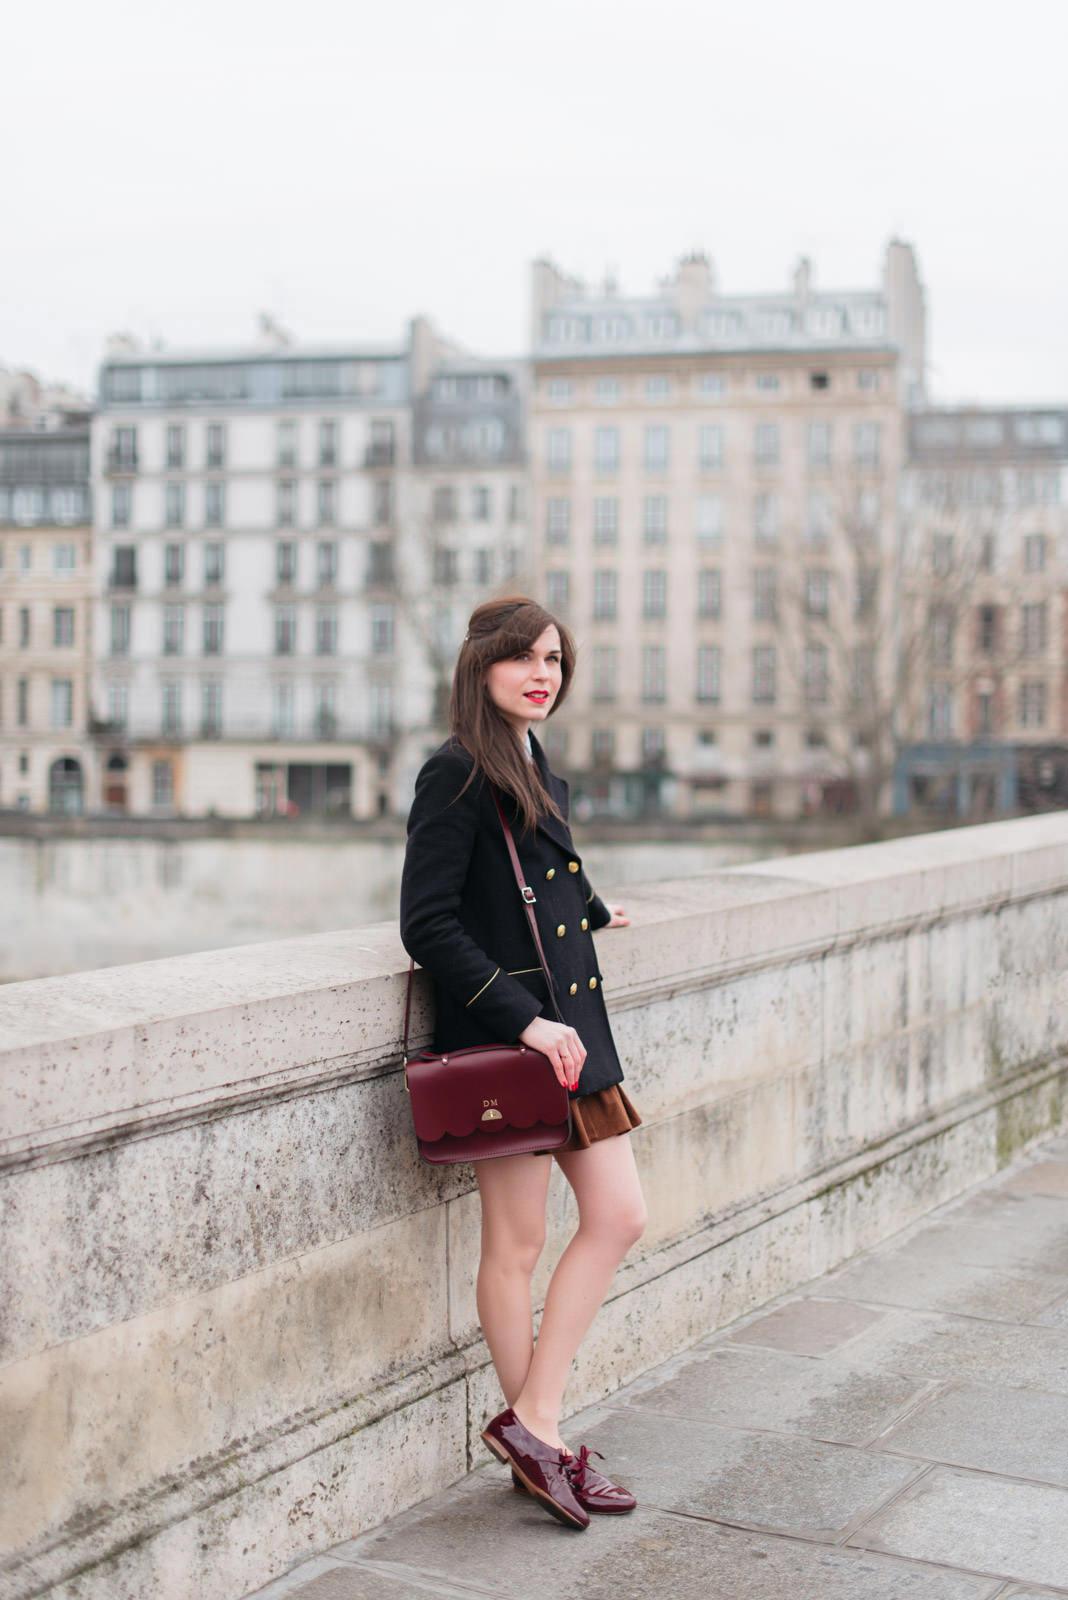 Blog-Mode-And-The-City-Looks-Le-reconfort-des-basiques-3